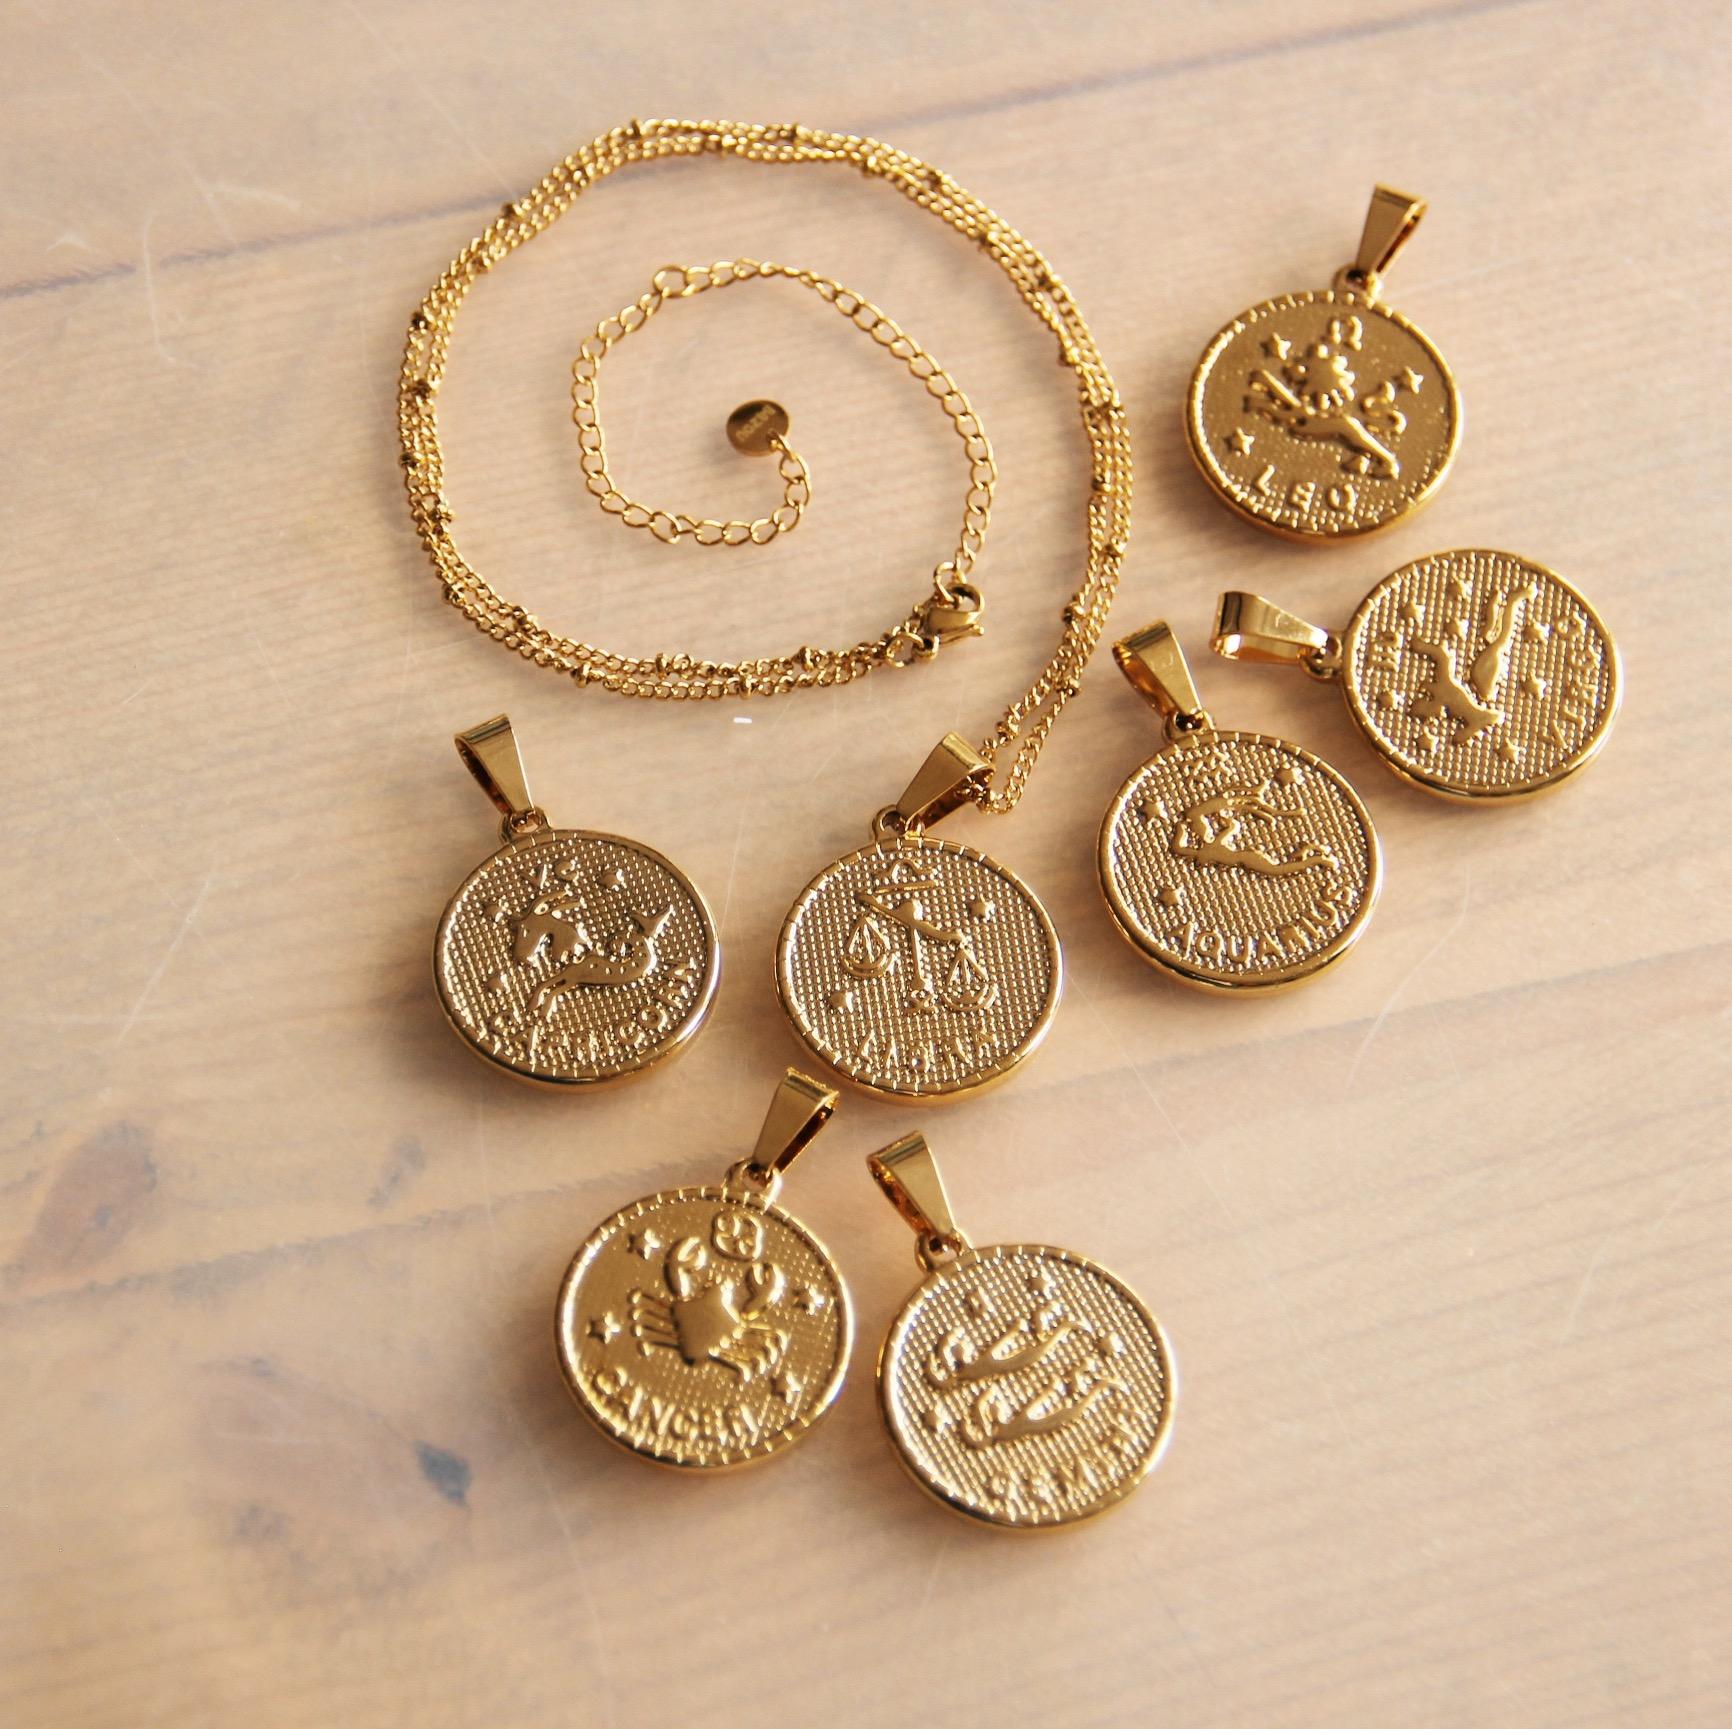 Horoscoop Kettingen